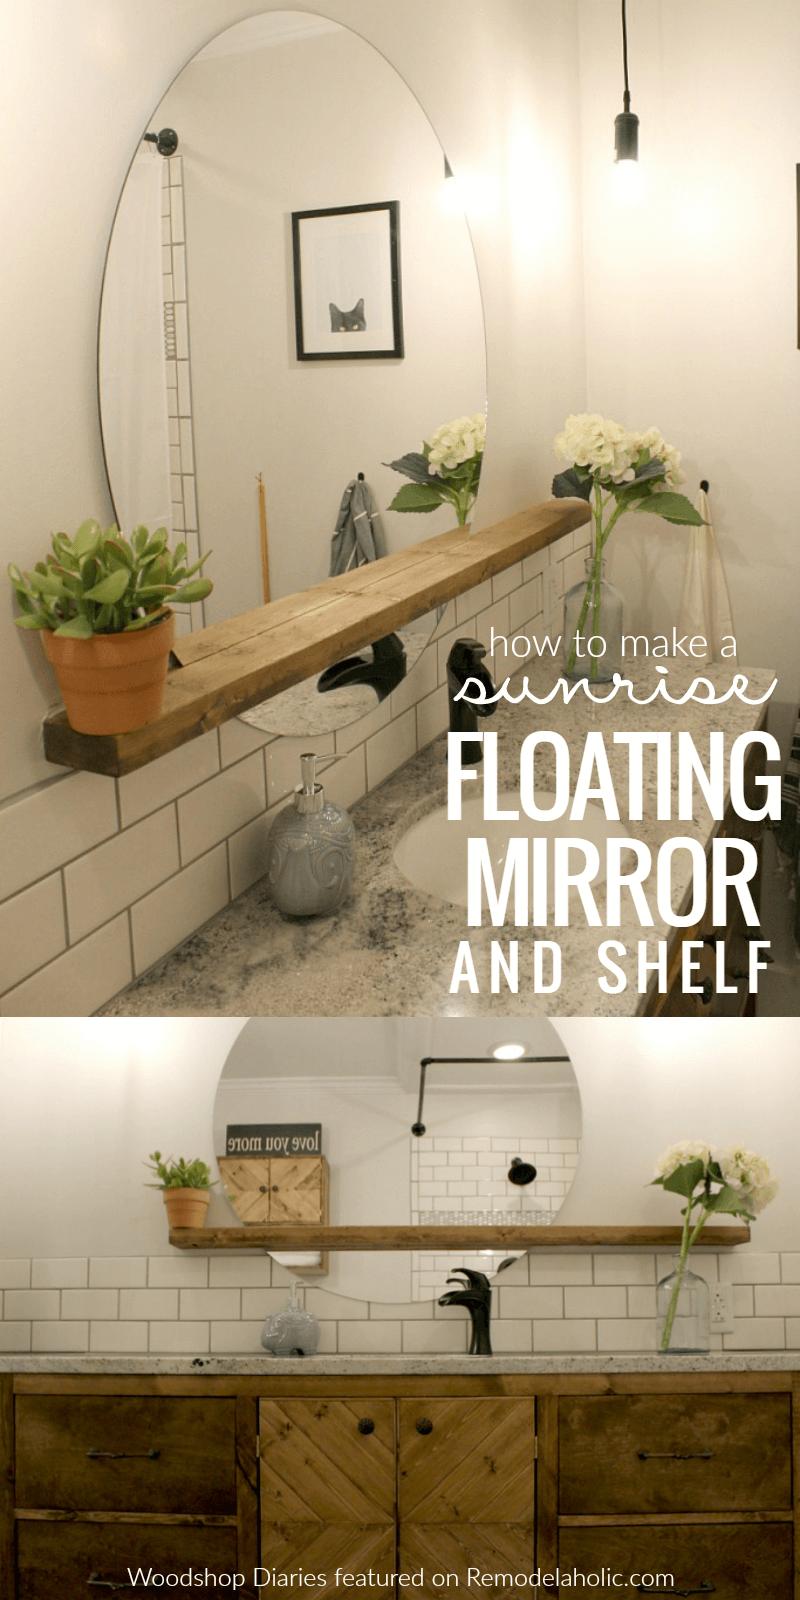 Sunrise floating mirror and shelf